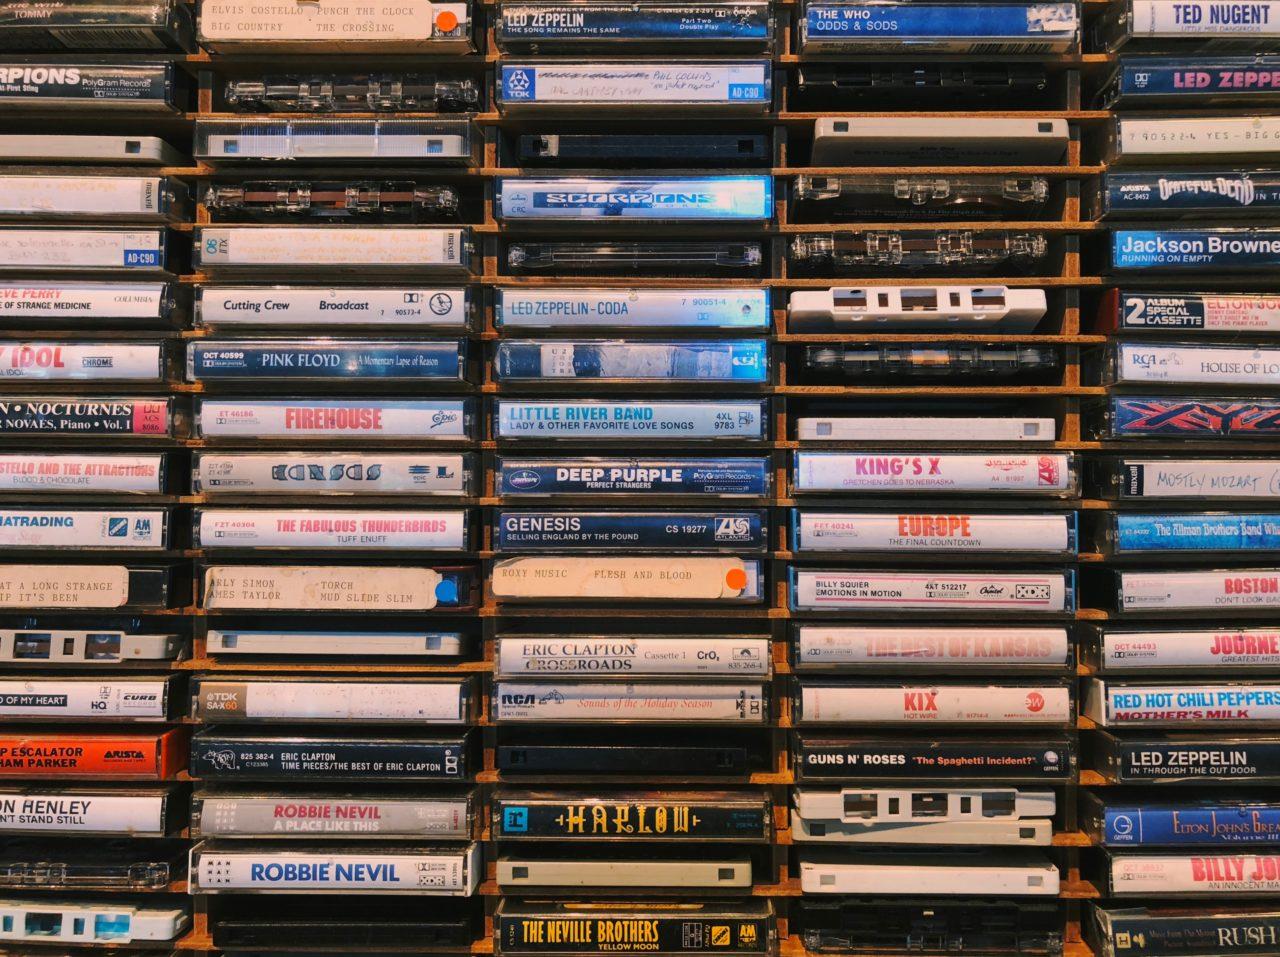 Ach ja, Kompaktcassetten. Einst gab es sie vorgespielt, geliebter allerdings waren die selbst zusammengeschnittenen Mixtapes / Foto: Jon Tyson, Unsplash